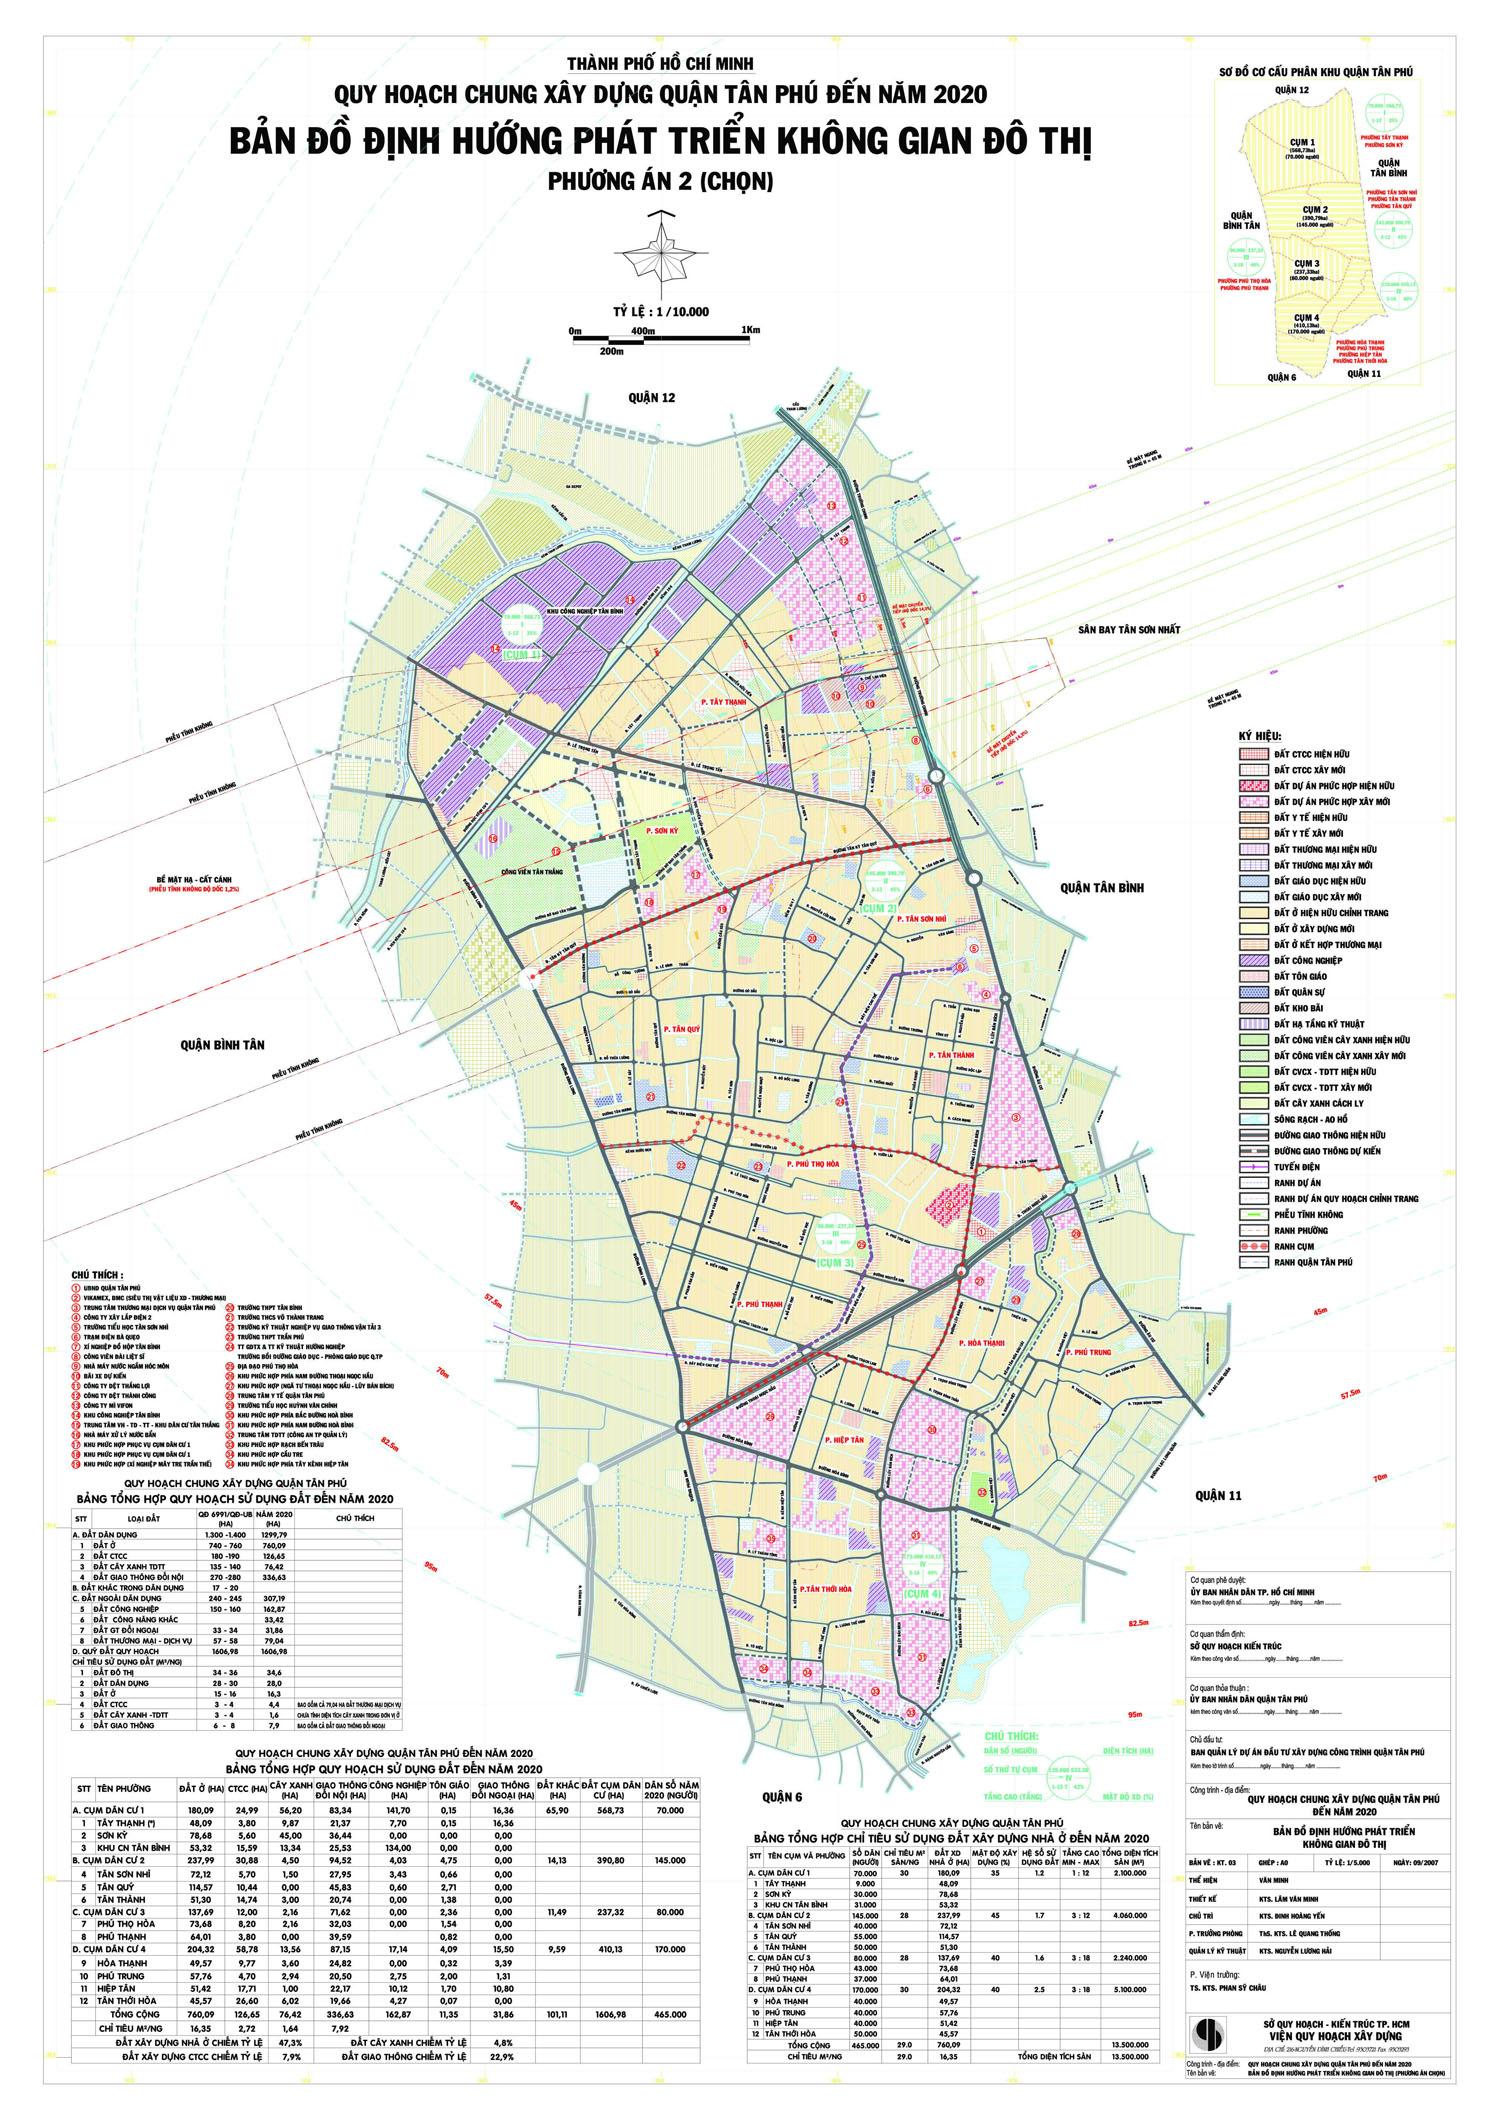 Bảng giá nhà đất quận Tân Phú từ năm 2015 đến 2019